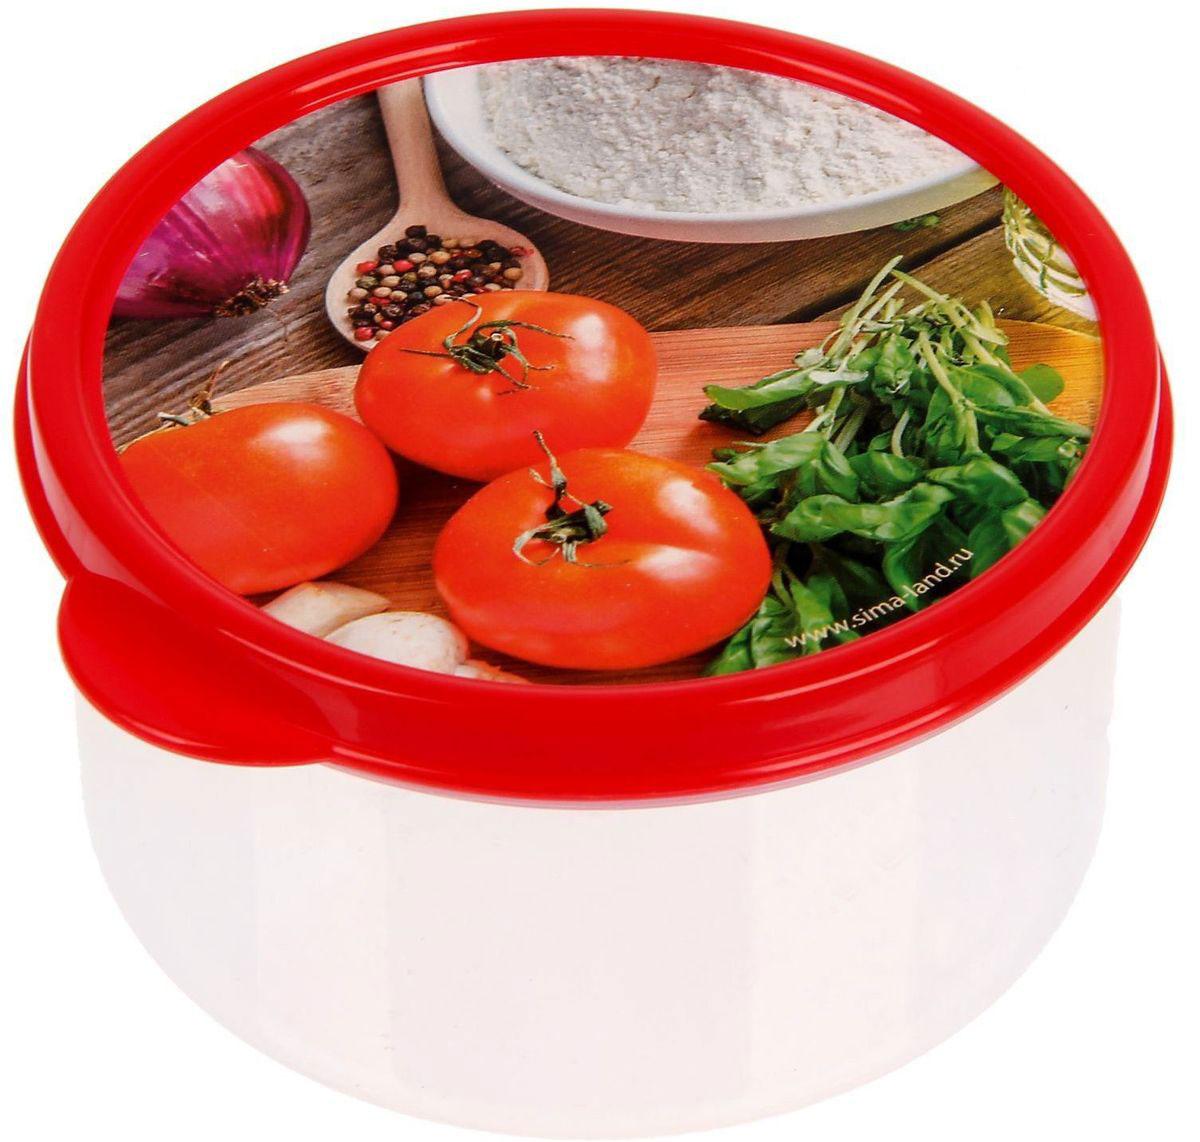 Ланч-бокс Доляна №3, круглый, 300 млVT-1520(SR)Если после вкусного обеда осталась еда, а насладиться трапезой хочется и на следующий день, ланч-бокс станет отличным решением данной проблемы!Такой контейнер является незаменимым предметом кухонной утвари, ведь у него много преимуществ:Простота ухода. Ланч-бокс достаточно промыть тёплой водой с небольшим количеством чистящего средства, и он снова готов к использованию.Вместительность. Большой выбор форм и объёма поможет разместить разнообразные продукты от сахара до супов.Эргономичность. Ланч-боксы очень легко хранить даже в самой маленькой кухне, так как их можно поставить один в другой по принципу матрёшки.Многофункциональность. Разнообразие цветов и форм делает возможным использование контейнеров не только на кухне, но и в других областях домашнего быта.Любители приготовления обеда на всю семью в большинстве случаев приобретают ланч-боксы наборами, так как это позволяет рассортировать продукты по всевозможным признакам. К тому же контейнеры среднего размера станут незаменимыми помощниками на работе: ведь что может быть приятнее, чем порадовать себя во время обеда прекрасной едой, заботливо сохранённой в контейнере?В качестве материала для изготовления используется пластик, что делает процесс ухода за контейнером ещё более эффективным. К каждому ланч-боксу в комплекте также прилагается крышка подходящего размера, это позволяет плотно и надёжно удерживать запах еды и упрощает процесс транспортировки.Однако рекомендуется соблюдать и меры предосторожности: не использовать пластиковые контейнеры в духовых шкафах и на открытом огне, а также не разогревать в микроволновых печах при закрытой крышке ланч-бокса. Соблюдение мер безопасности позволит продлить срок эксплуатации и сохранить отличный внешний вид изделия.Эргономичный дизайн и многофункциональность таких контейнеров — вот, что является причиной большой популярности данного предмета у каждой хозяйки. А в преддверии лета и дачного сезона такое приобретение позволит по